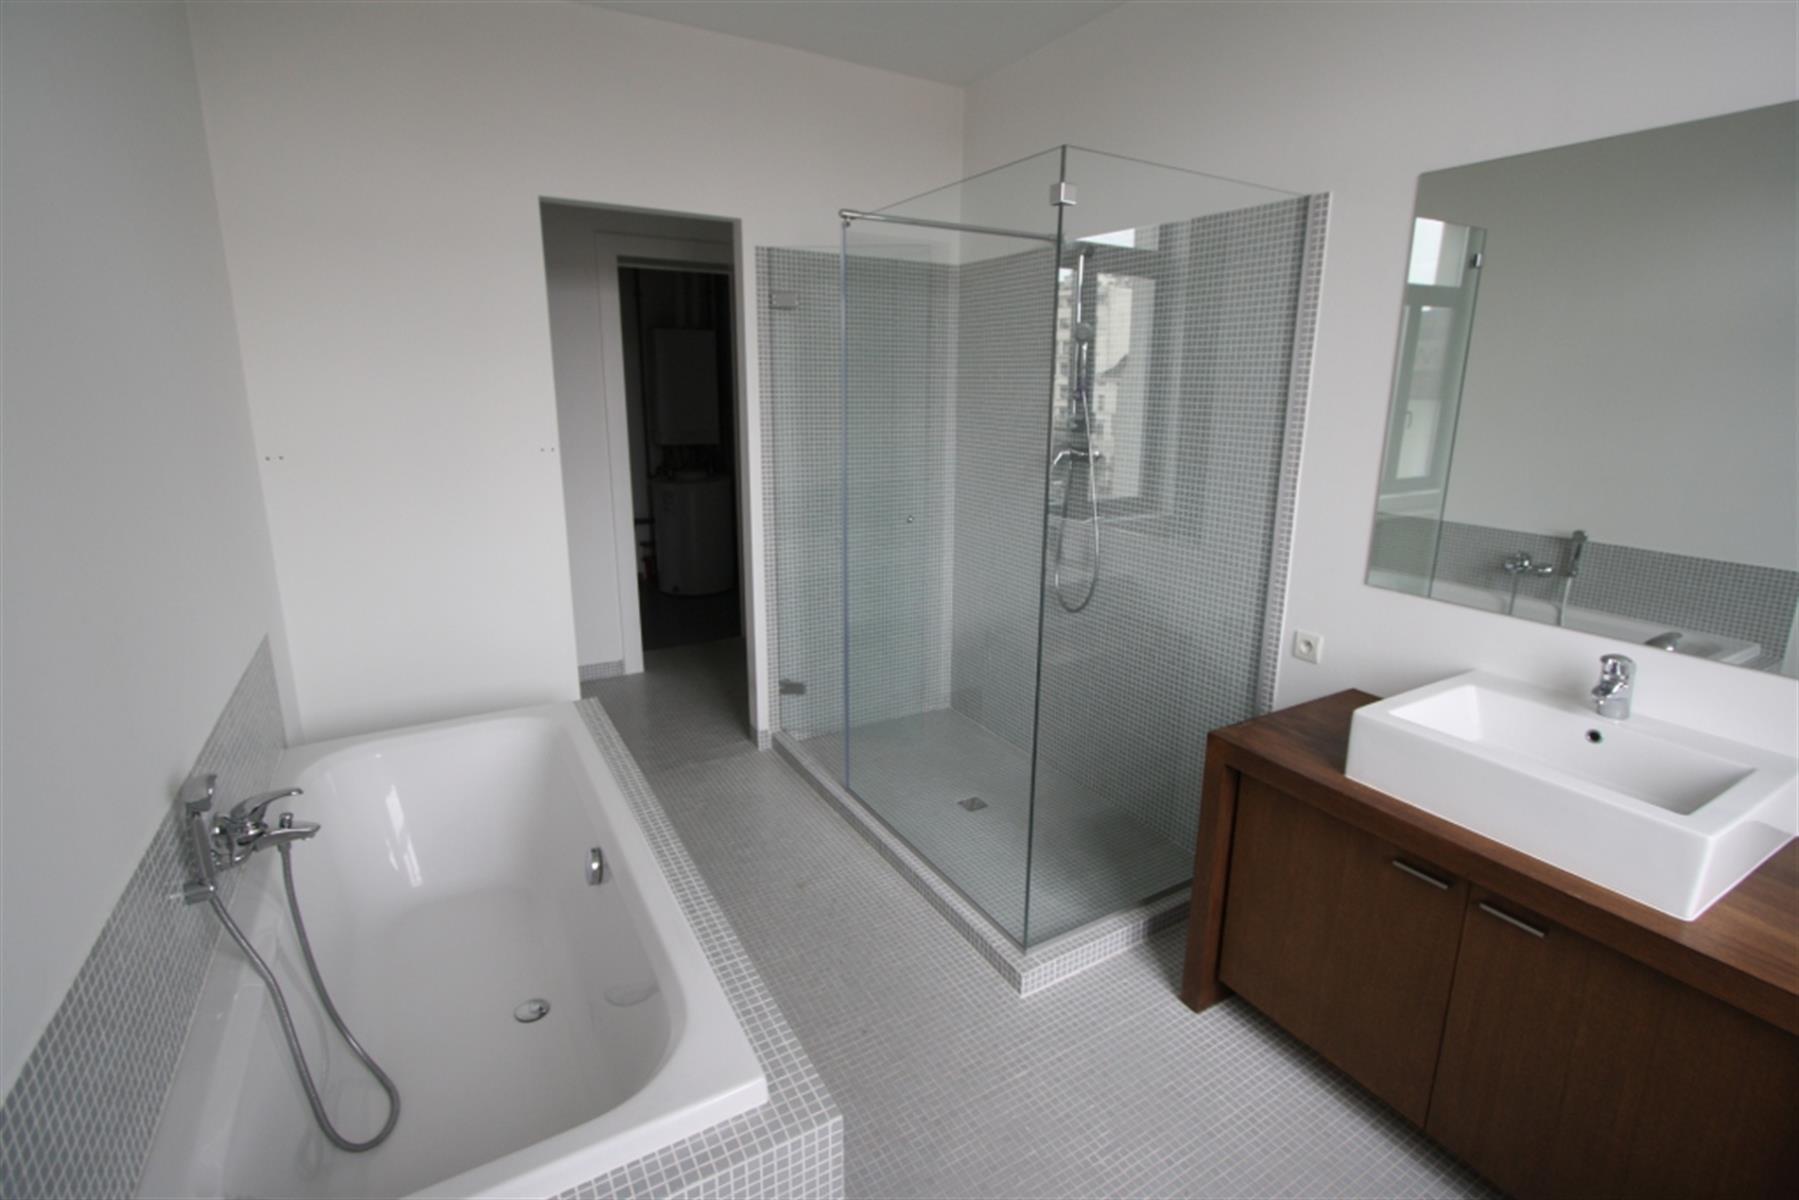 Duplex - Ixelles - #4343845-7